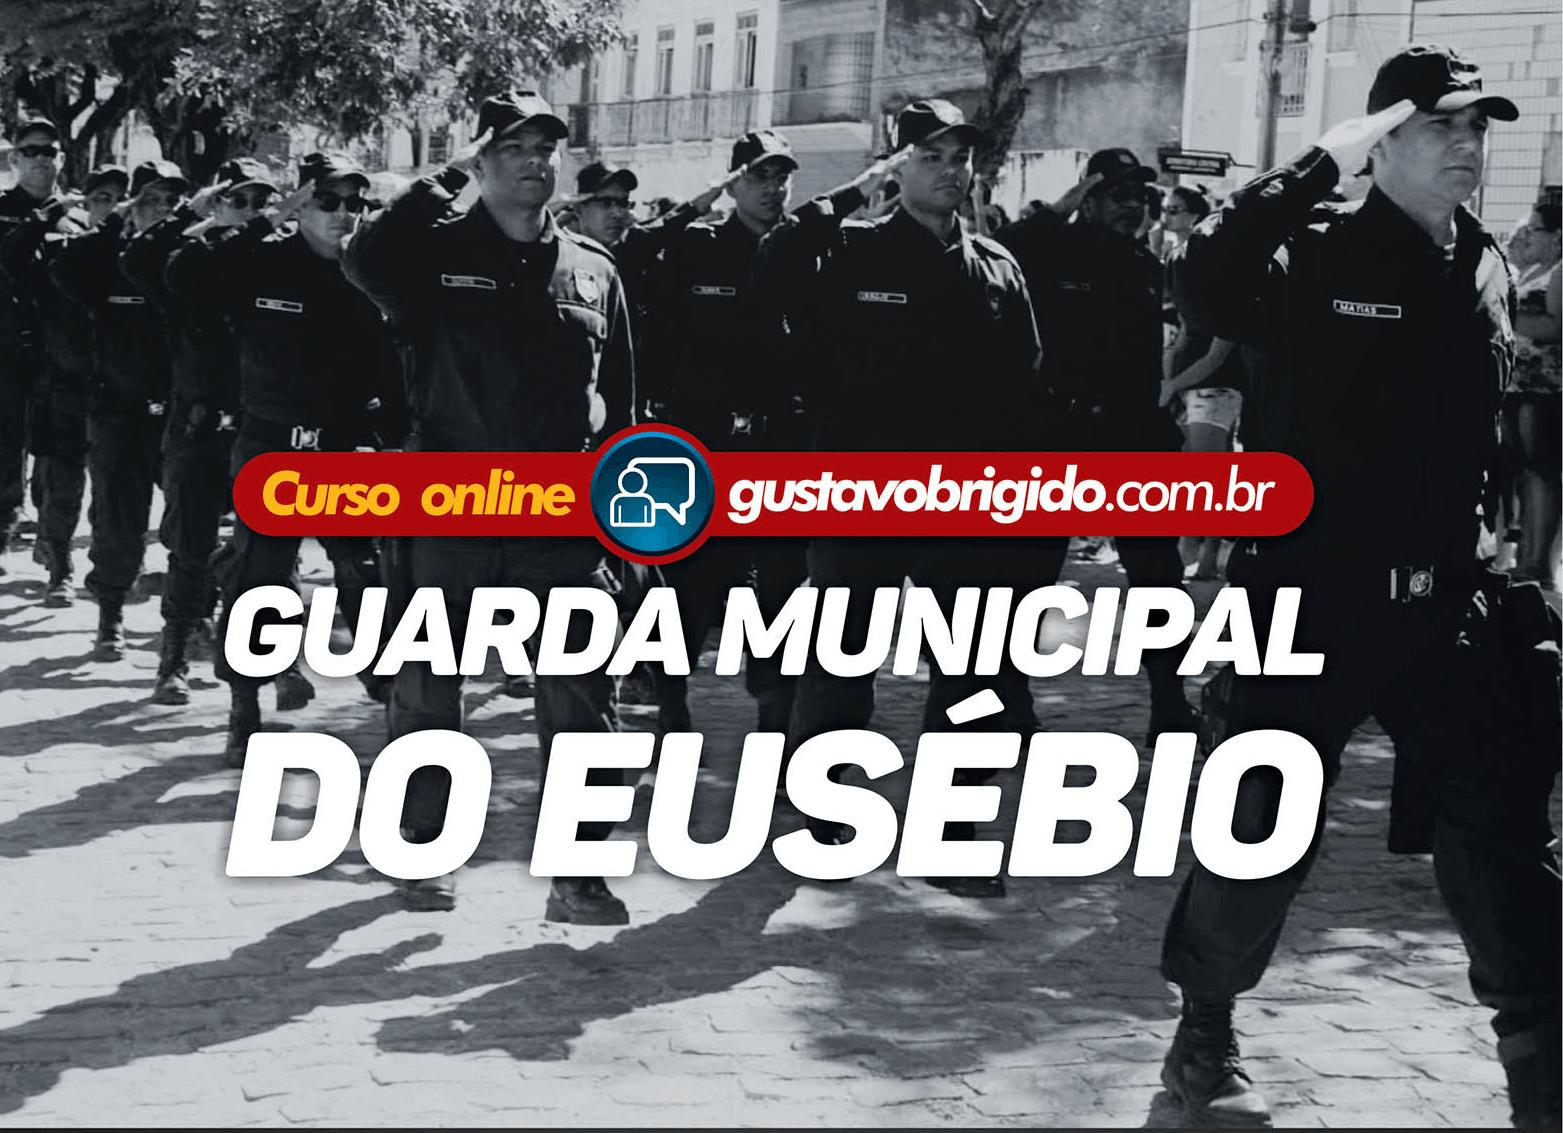 GME - CURSO COMPLETO PARA A GUARDA MUNICIPAL DE EUSÉBIO